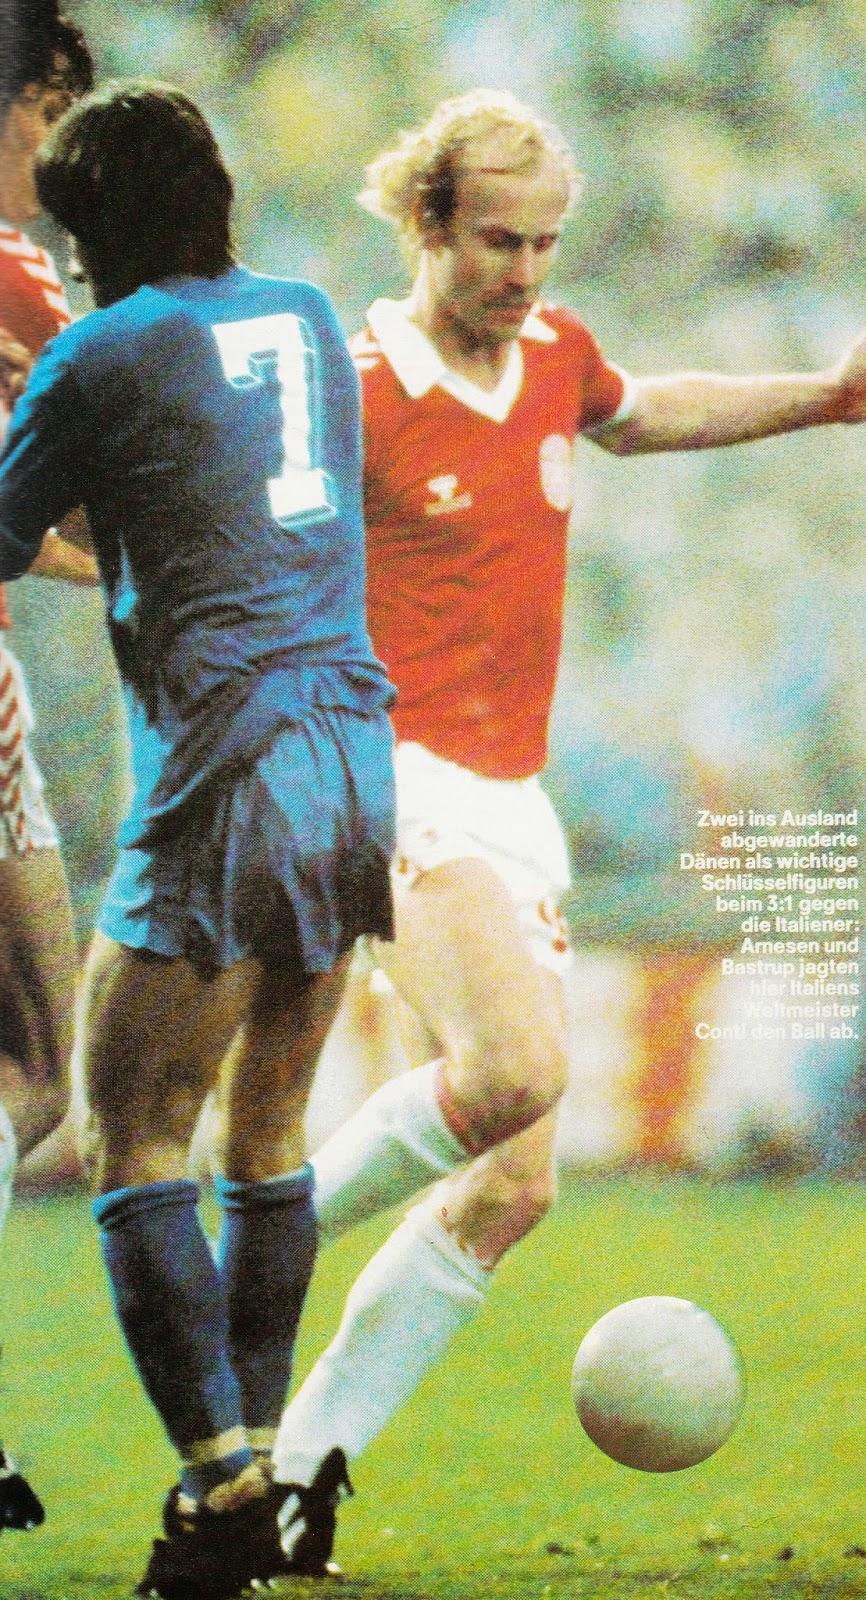 Fiche Football Voetbal 1996 PAYS-BAS NEDERLAND TEAM Photo RICHARD WITSCHGE